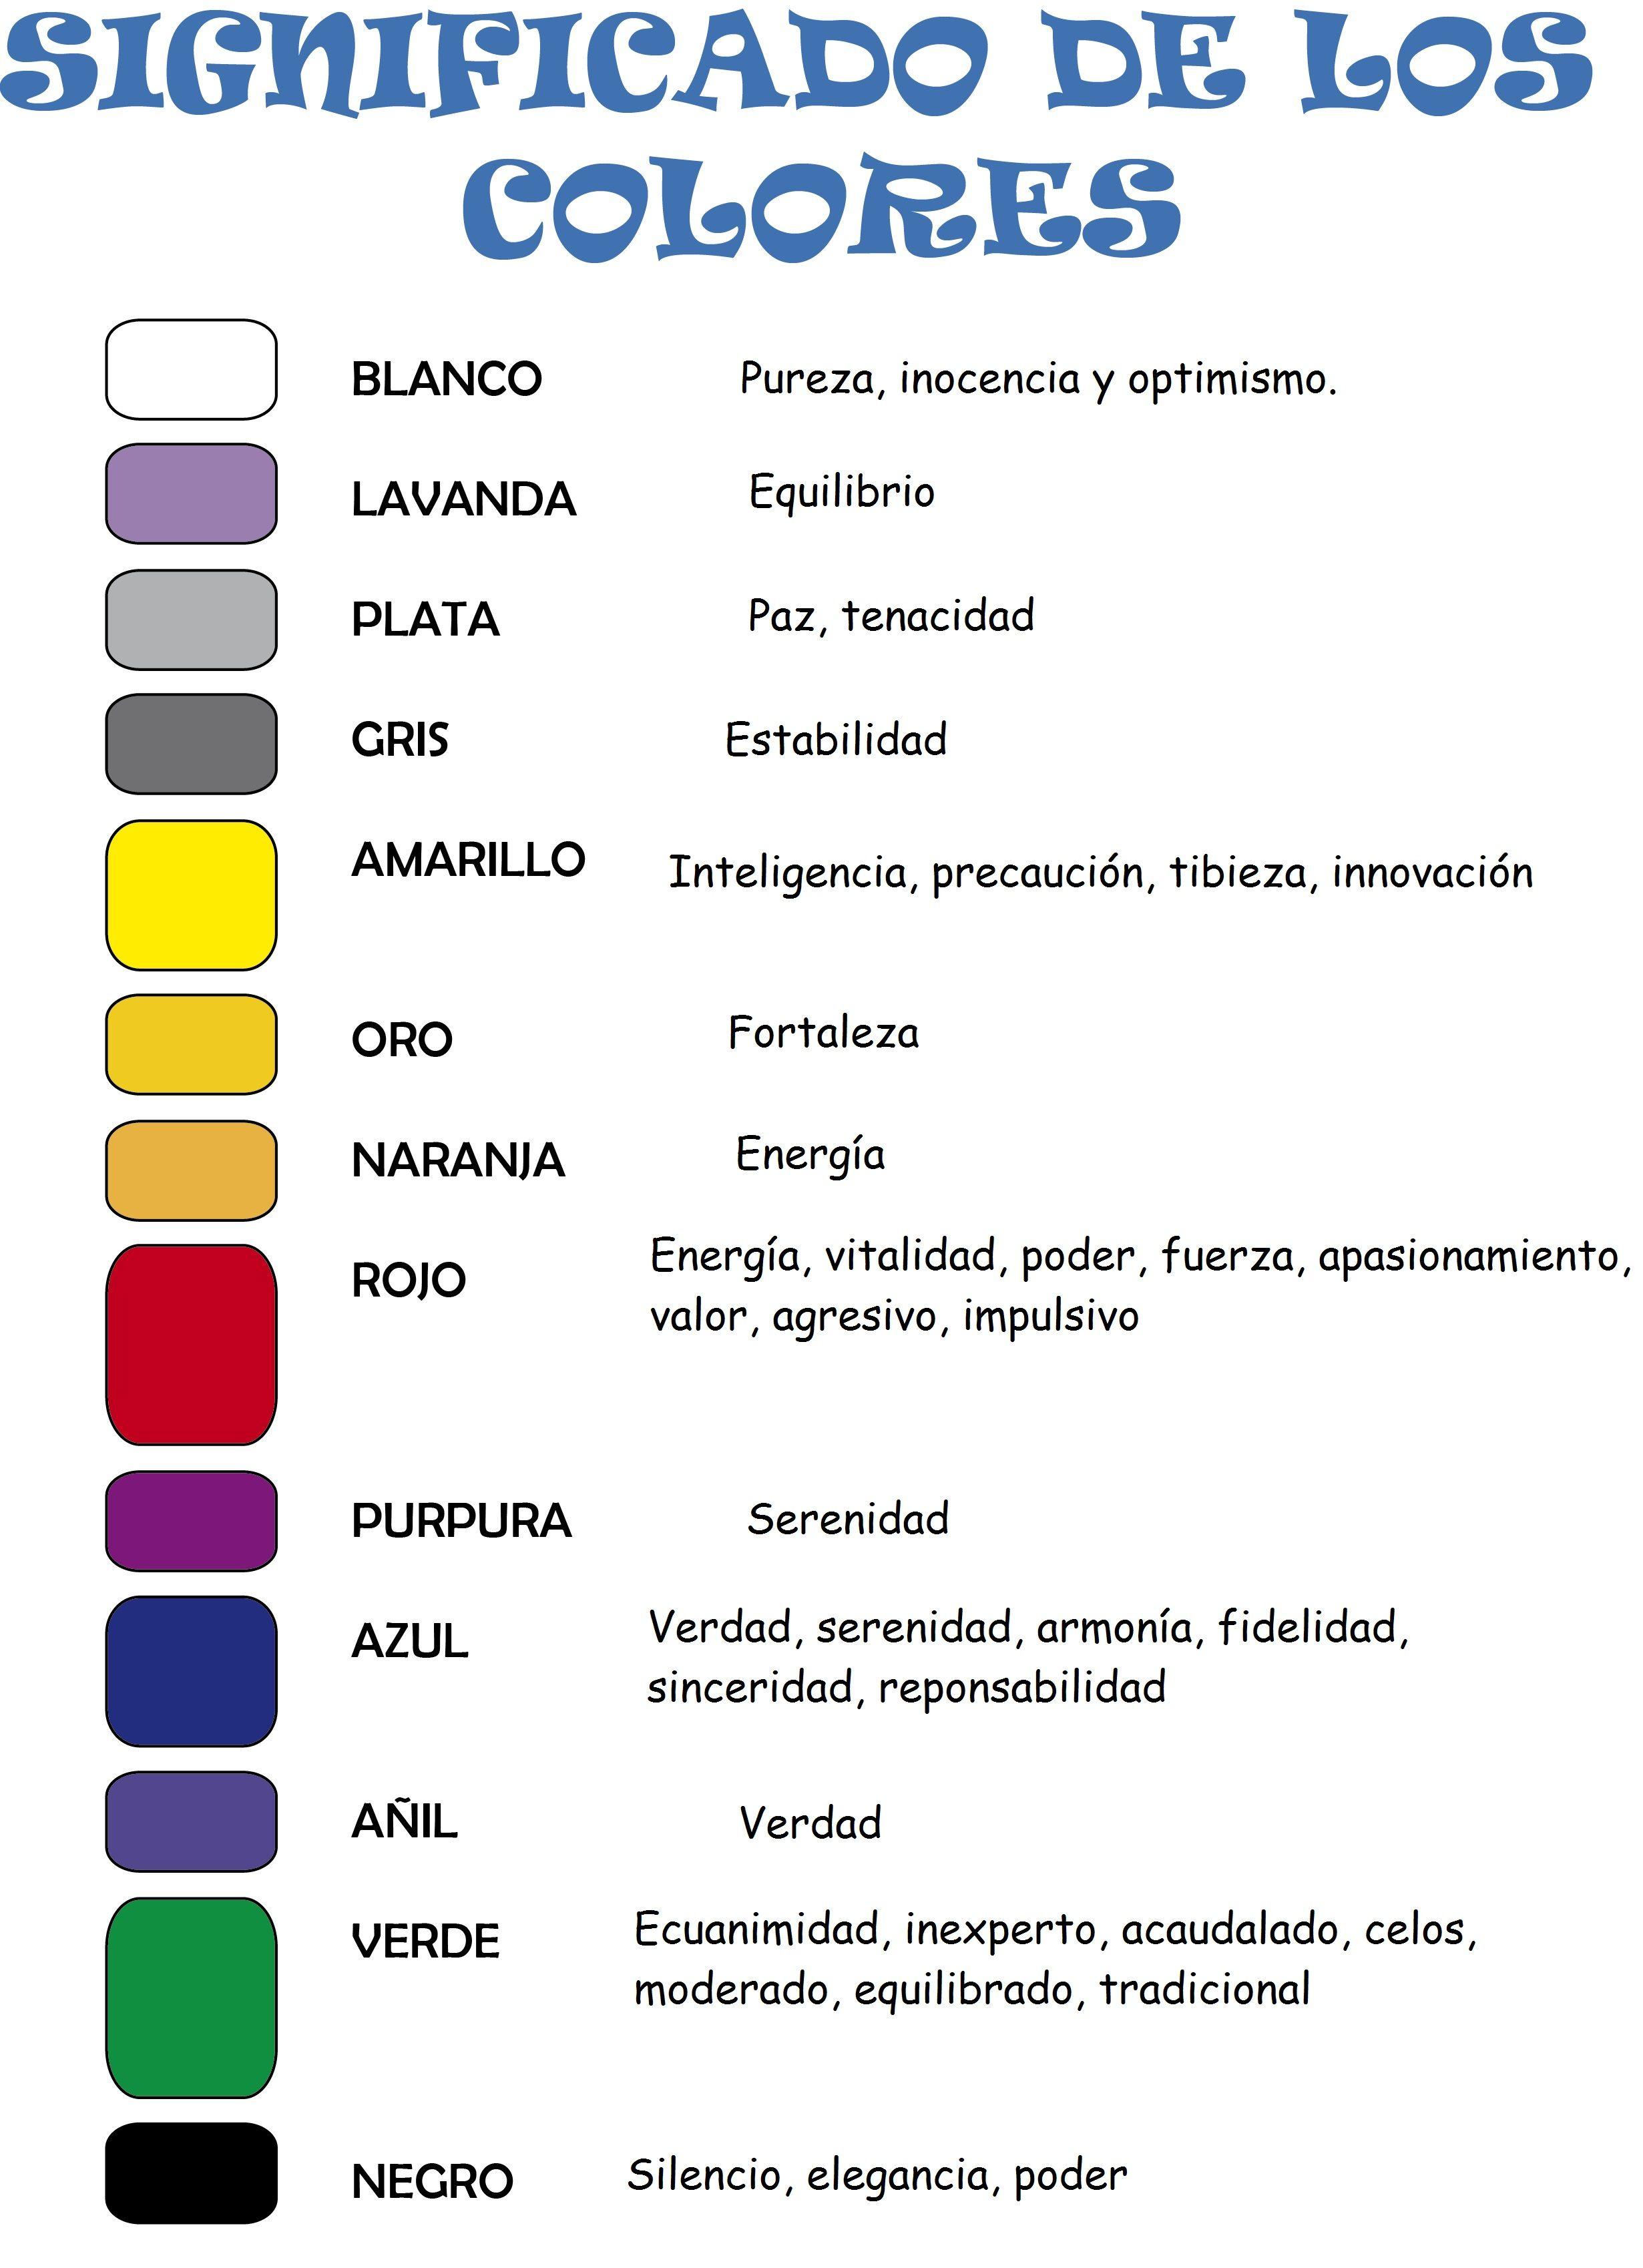 Significado De Los Colores Me Gusta Me Parece Muy